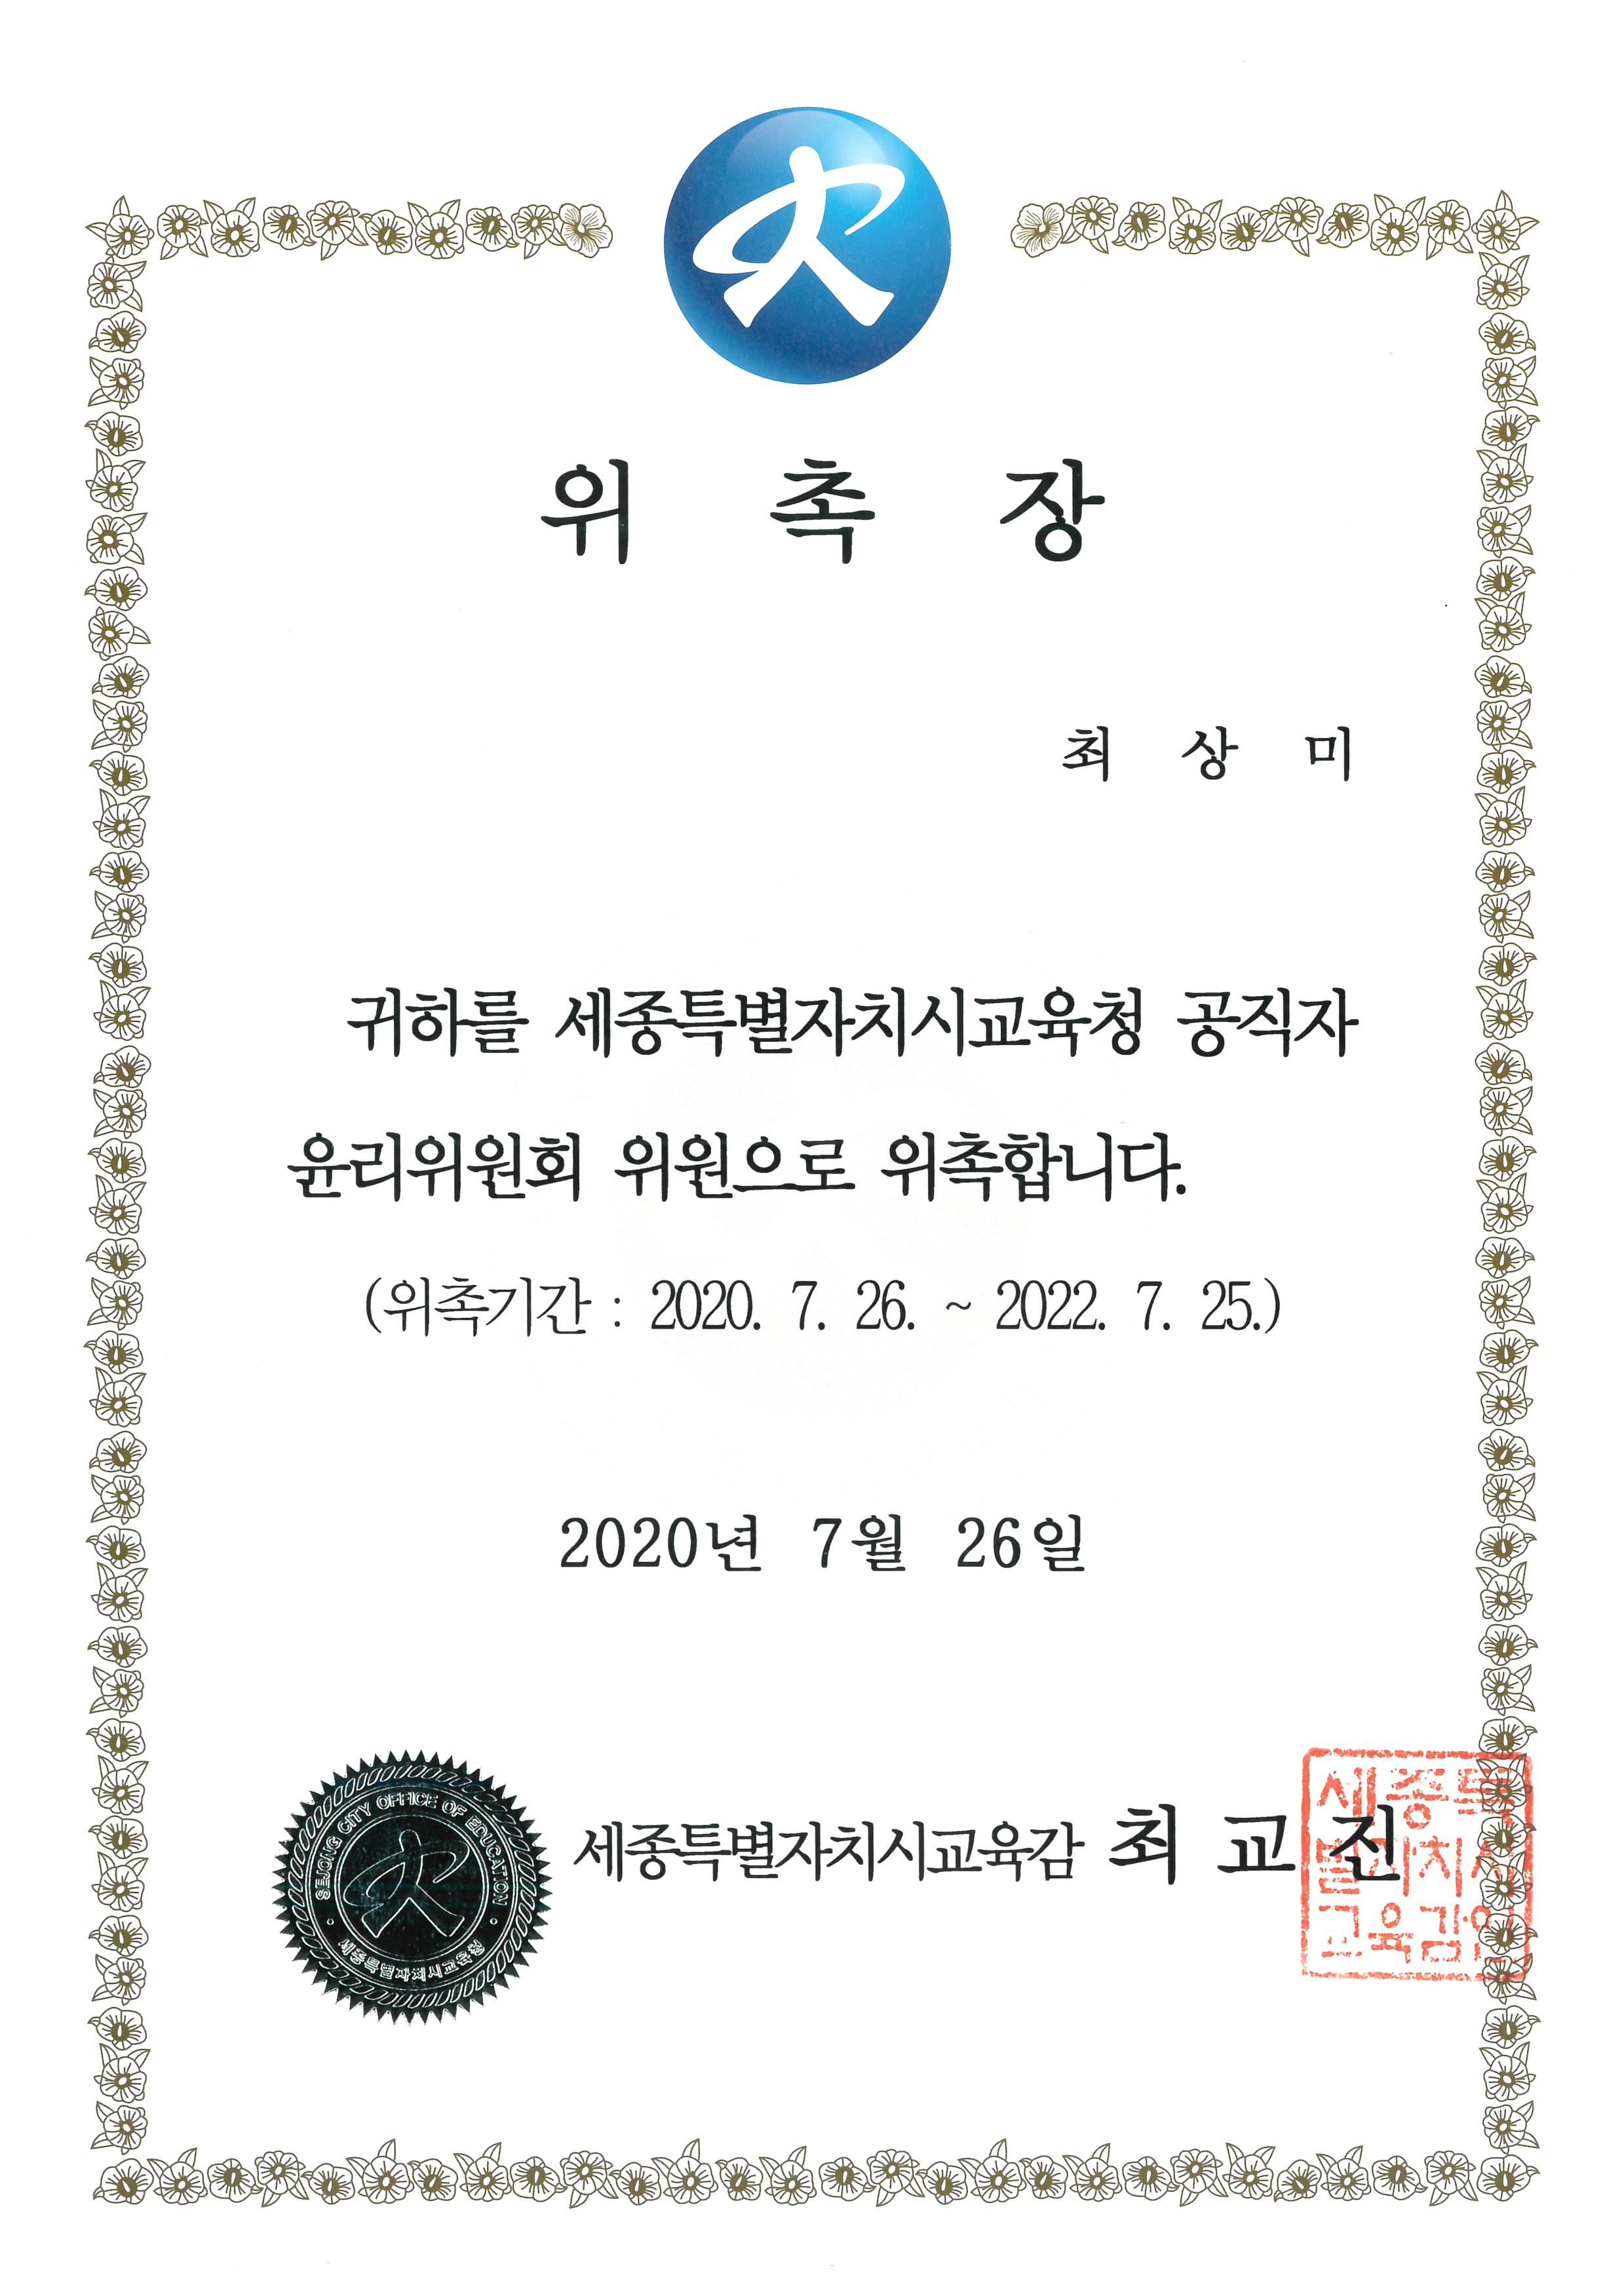 세종특별자치시교육청 공직자 윤리위원회 위원.jpg